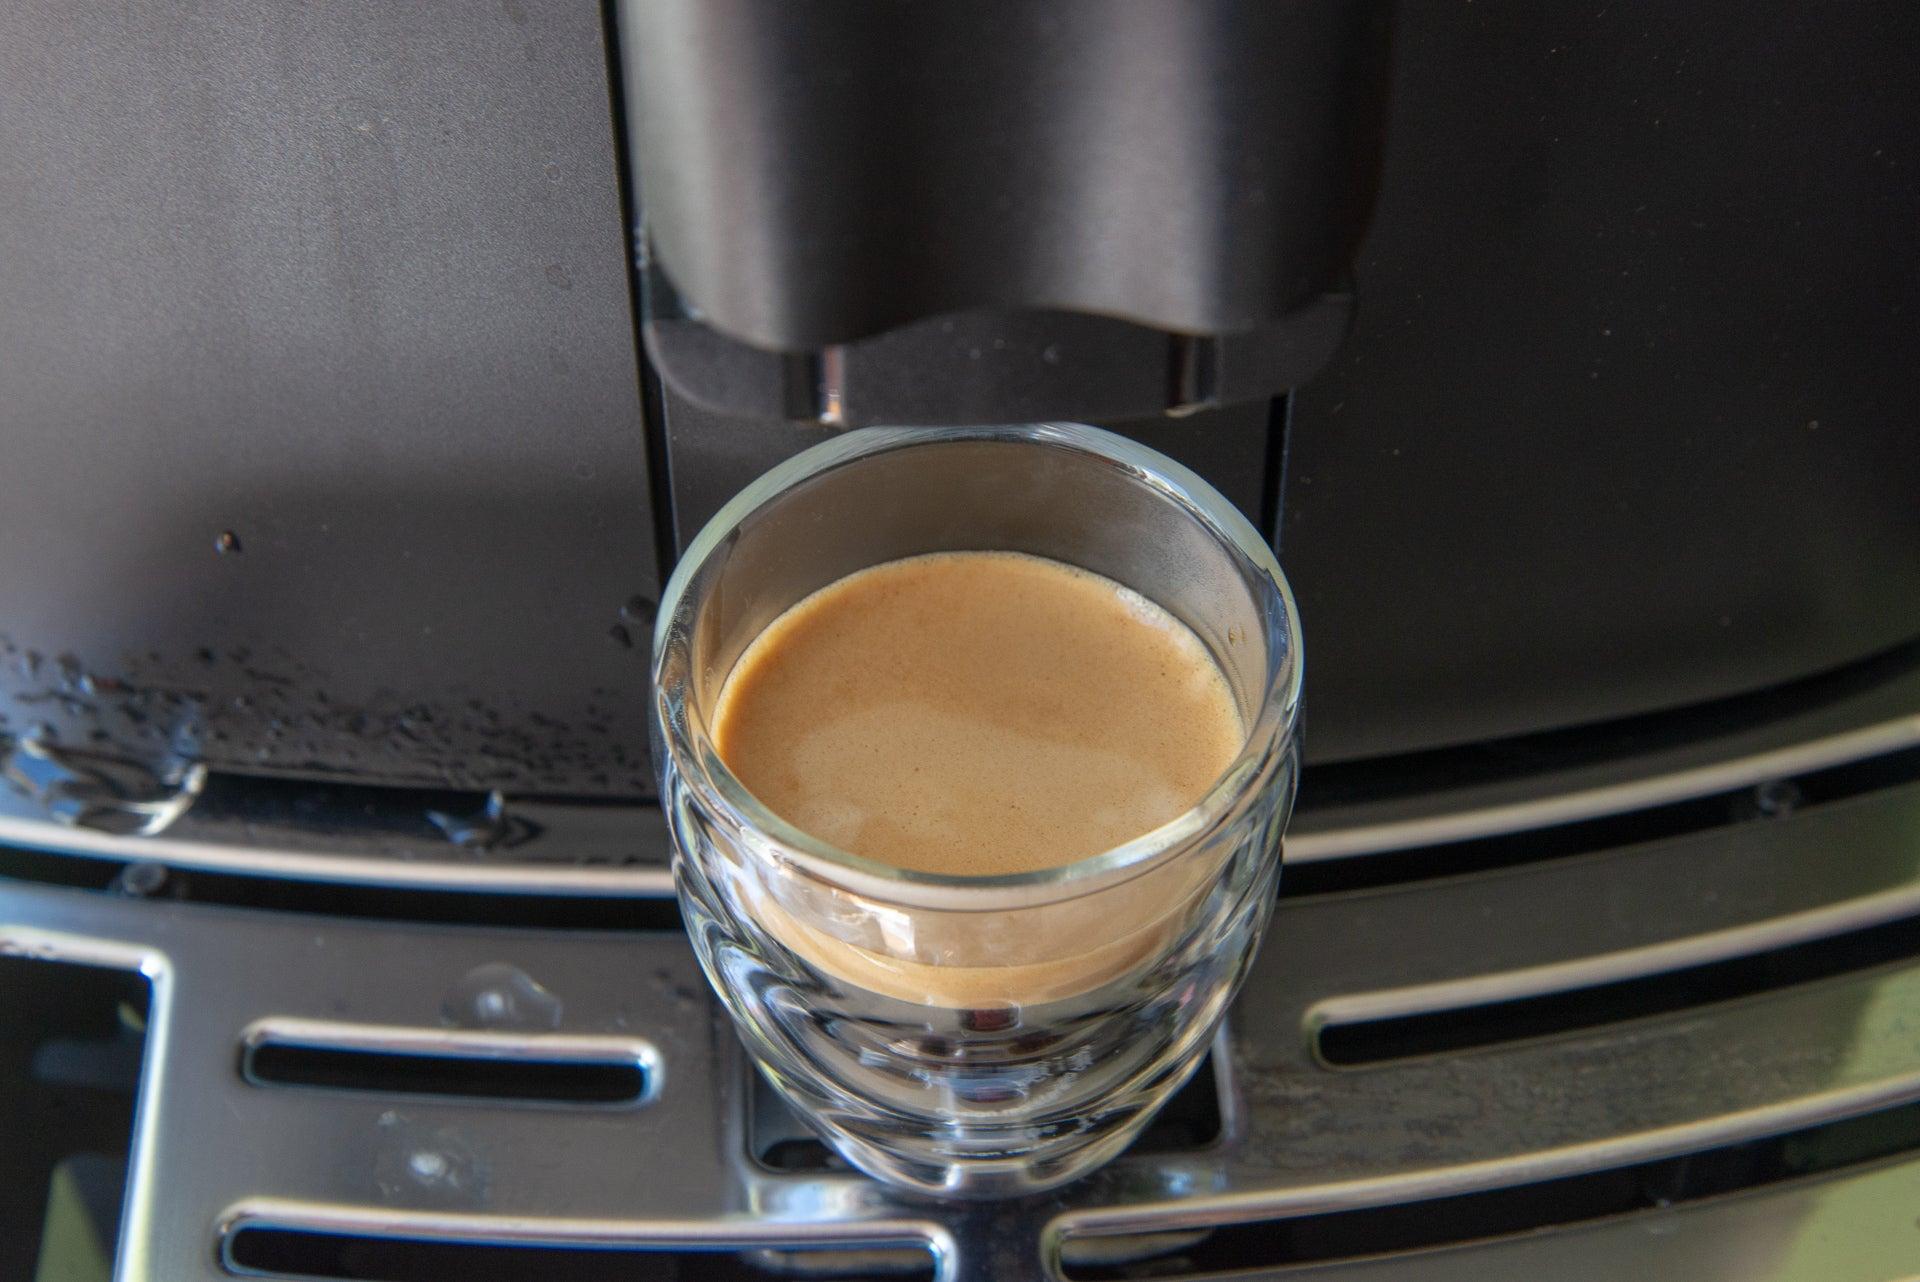 Gaggia Velasca espresso